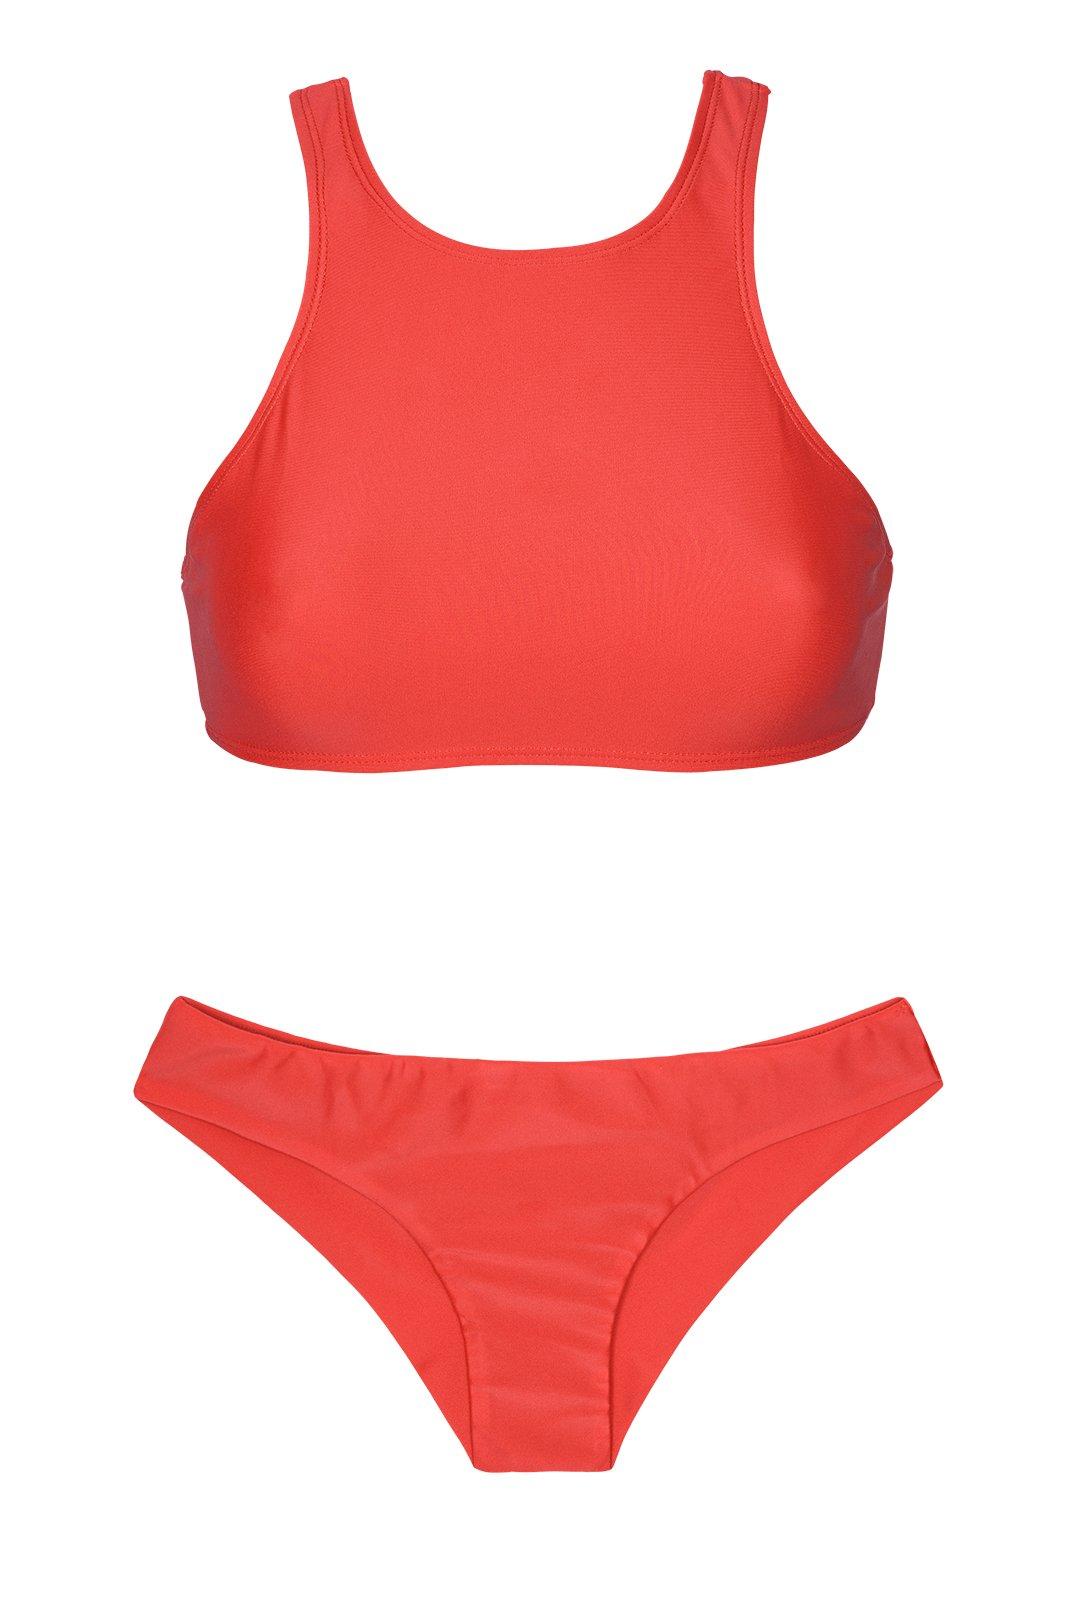 Bien-aimé Maillot de bain rouge EX23